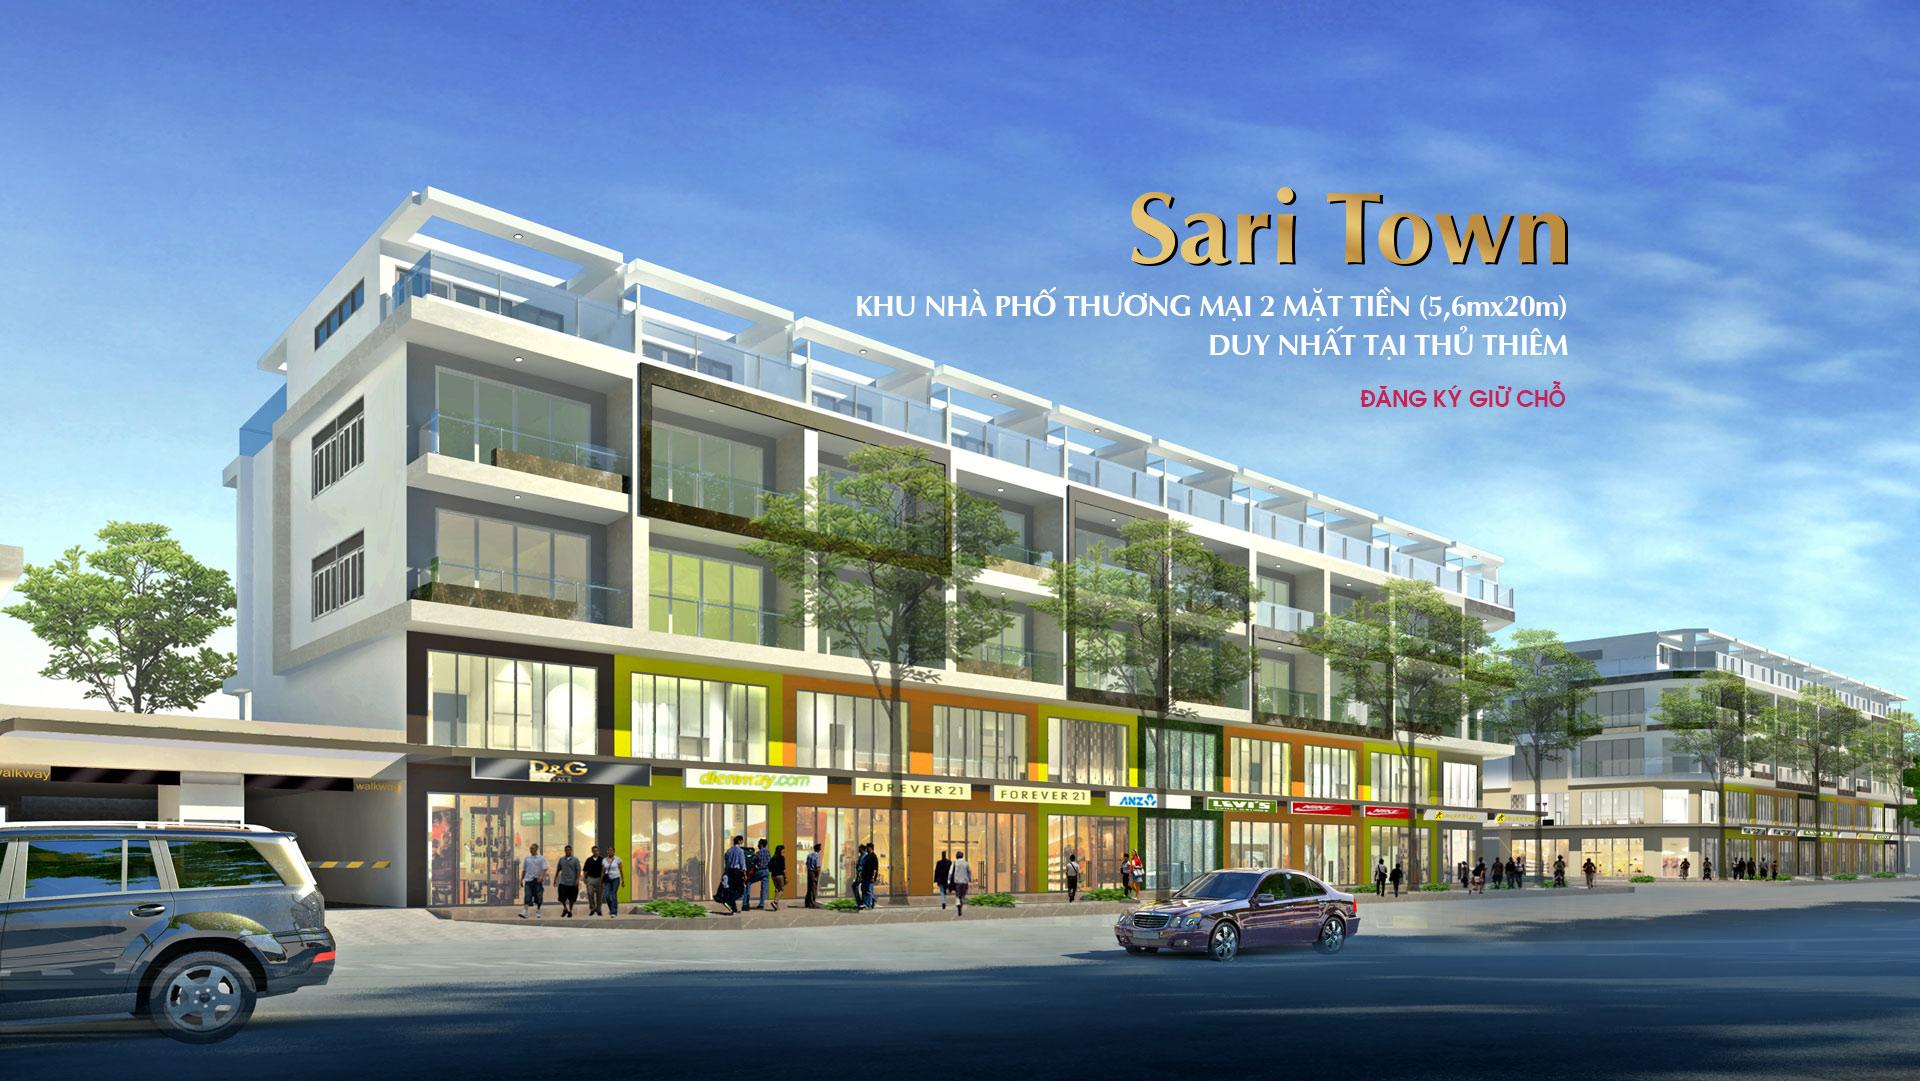 Khu đô thị Sala Đại Quang Minh quận 2 – Nơi hội tụ những giá trị tinh hoa cuộc sống 2